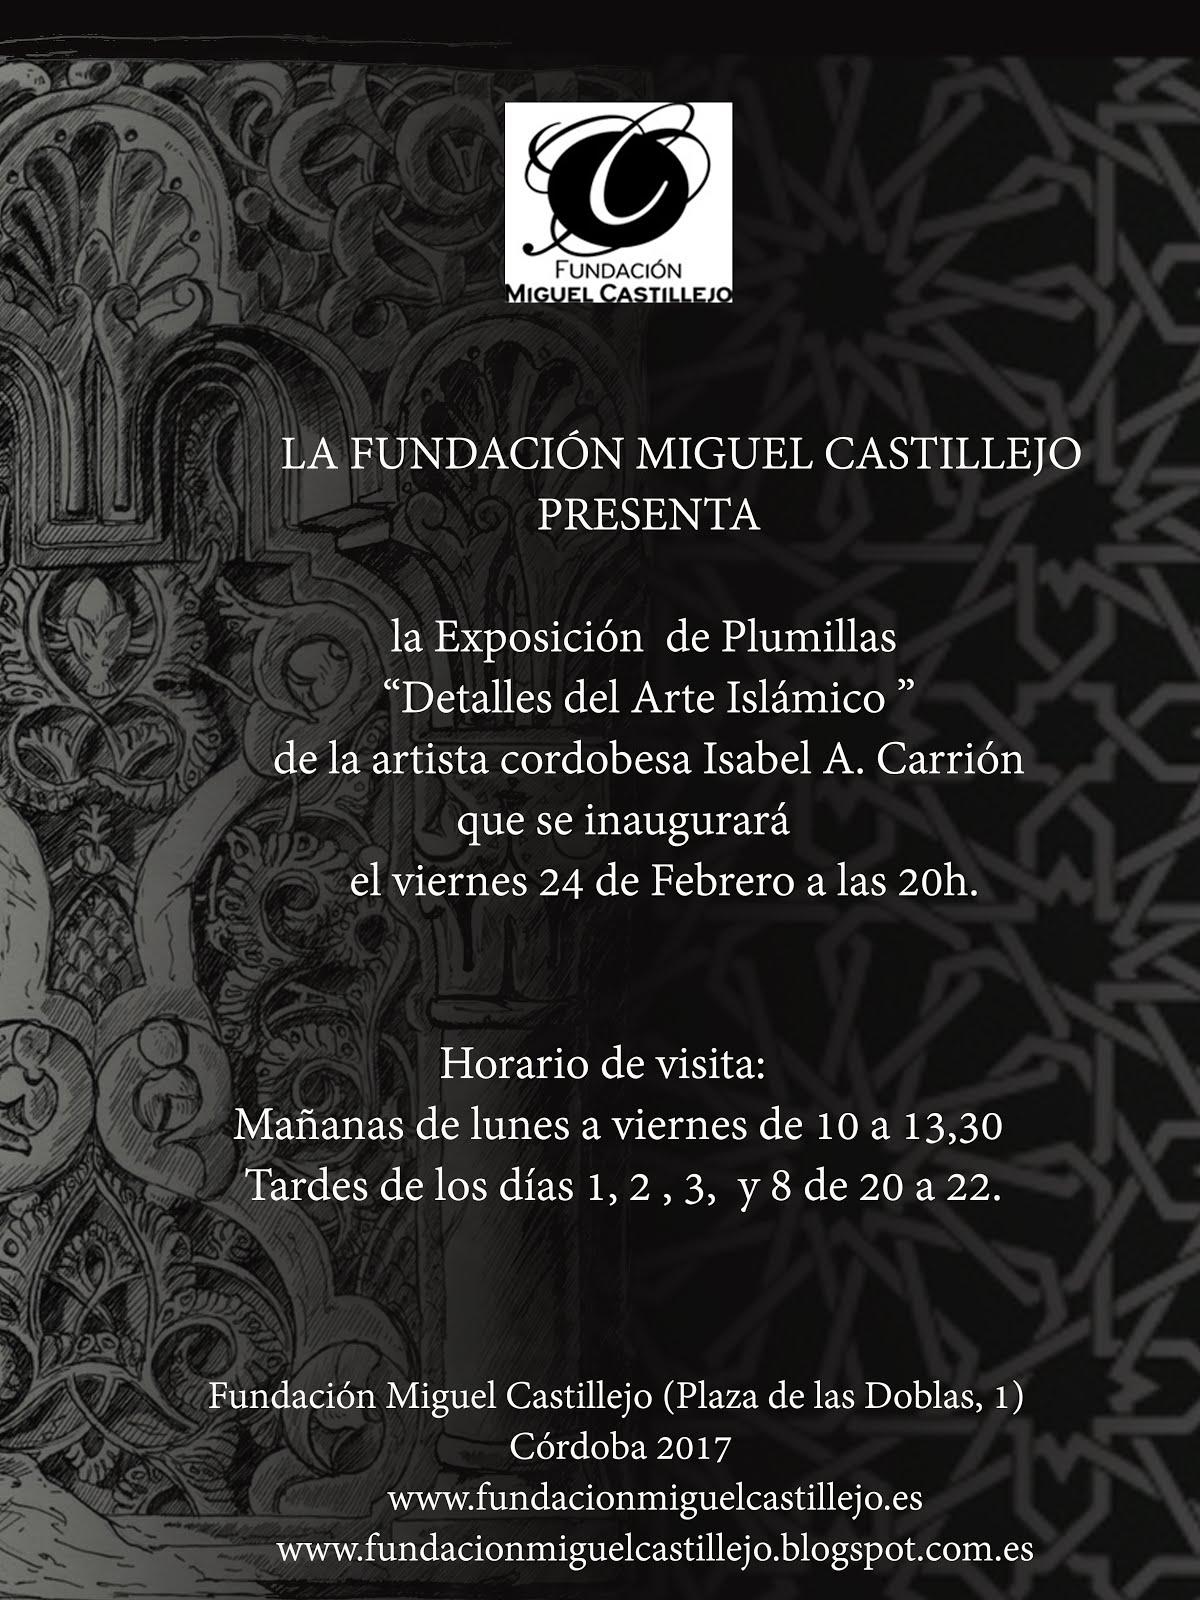 Exposiciones 2017: Fundación Miguel Castillejo hasta el 15 de marzo.